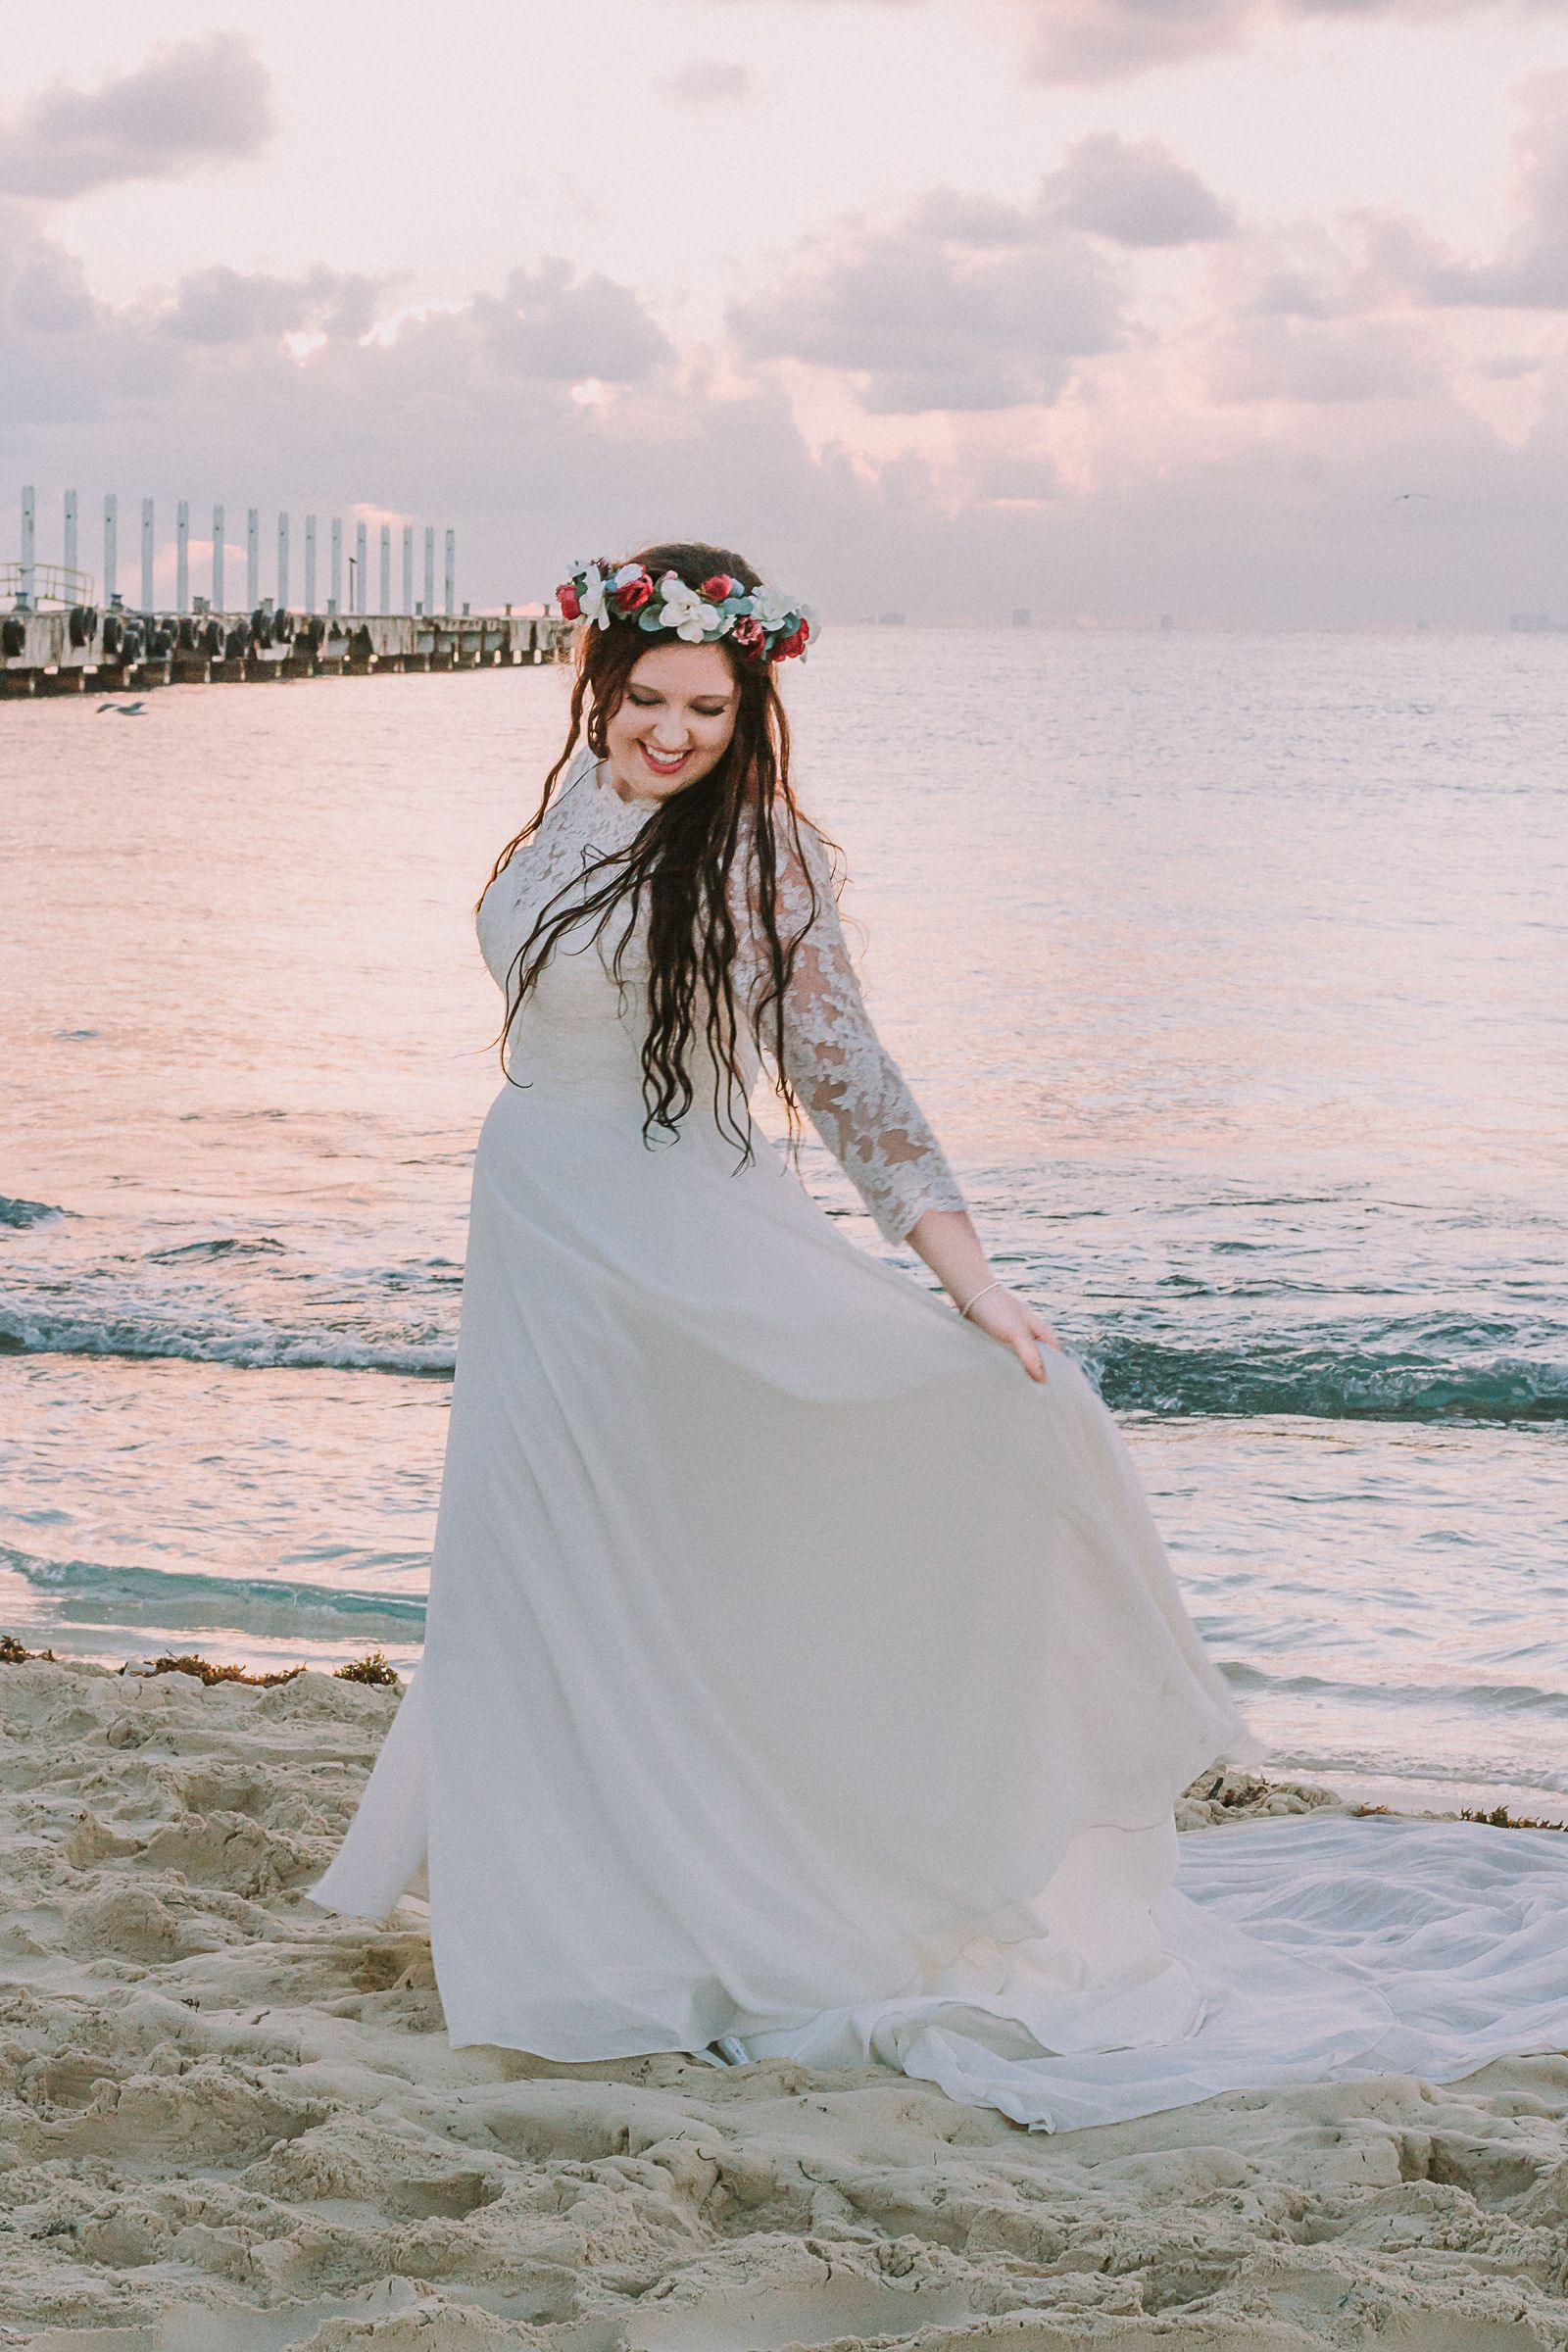 Bridal Portrait, Wedding Photos, Beach Wedding, Boho Wedding, Bohemian Bride, Destination Wedding, Mexico Wedding, Wedding Pictures, Wedding Dress, Flower Crown